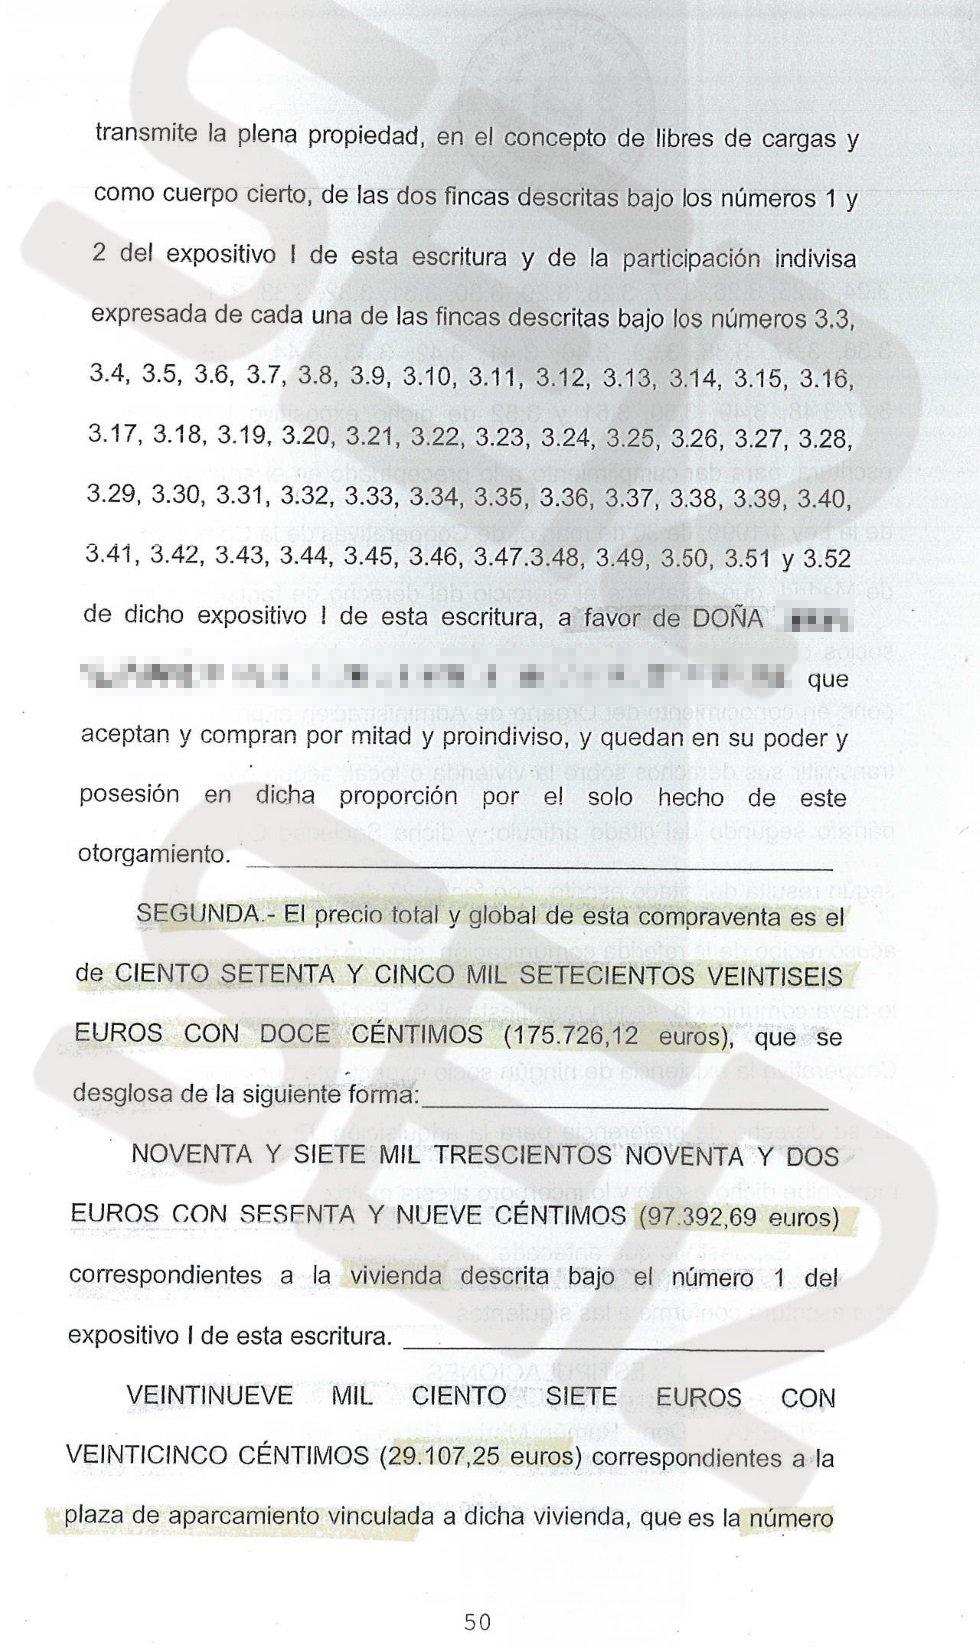 Ramón Espinar vendió la vivienda por casi 176.000 euros. Habían pasado nueve meses desde la compra (146.224 euros). Con ello obtuvo una plusvalía de 30.000 euros.